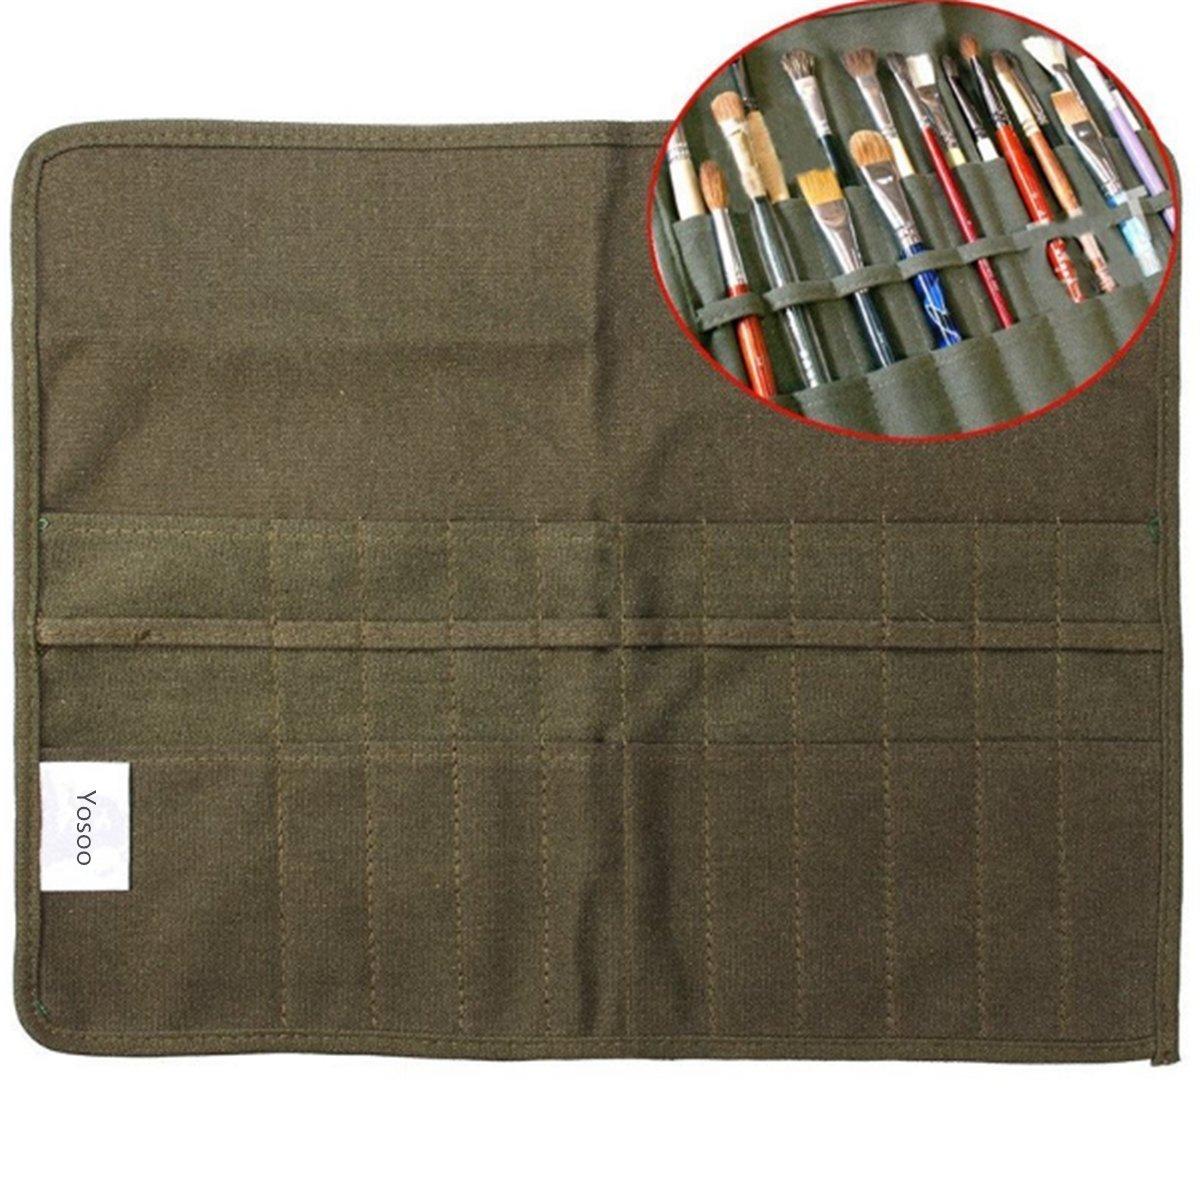 Yosoo pennello borsa sacchetto porta pennelli pennello trucco Holder per Artist e Brush Tool Kit